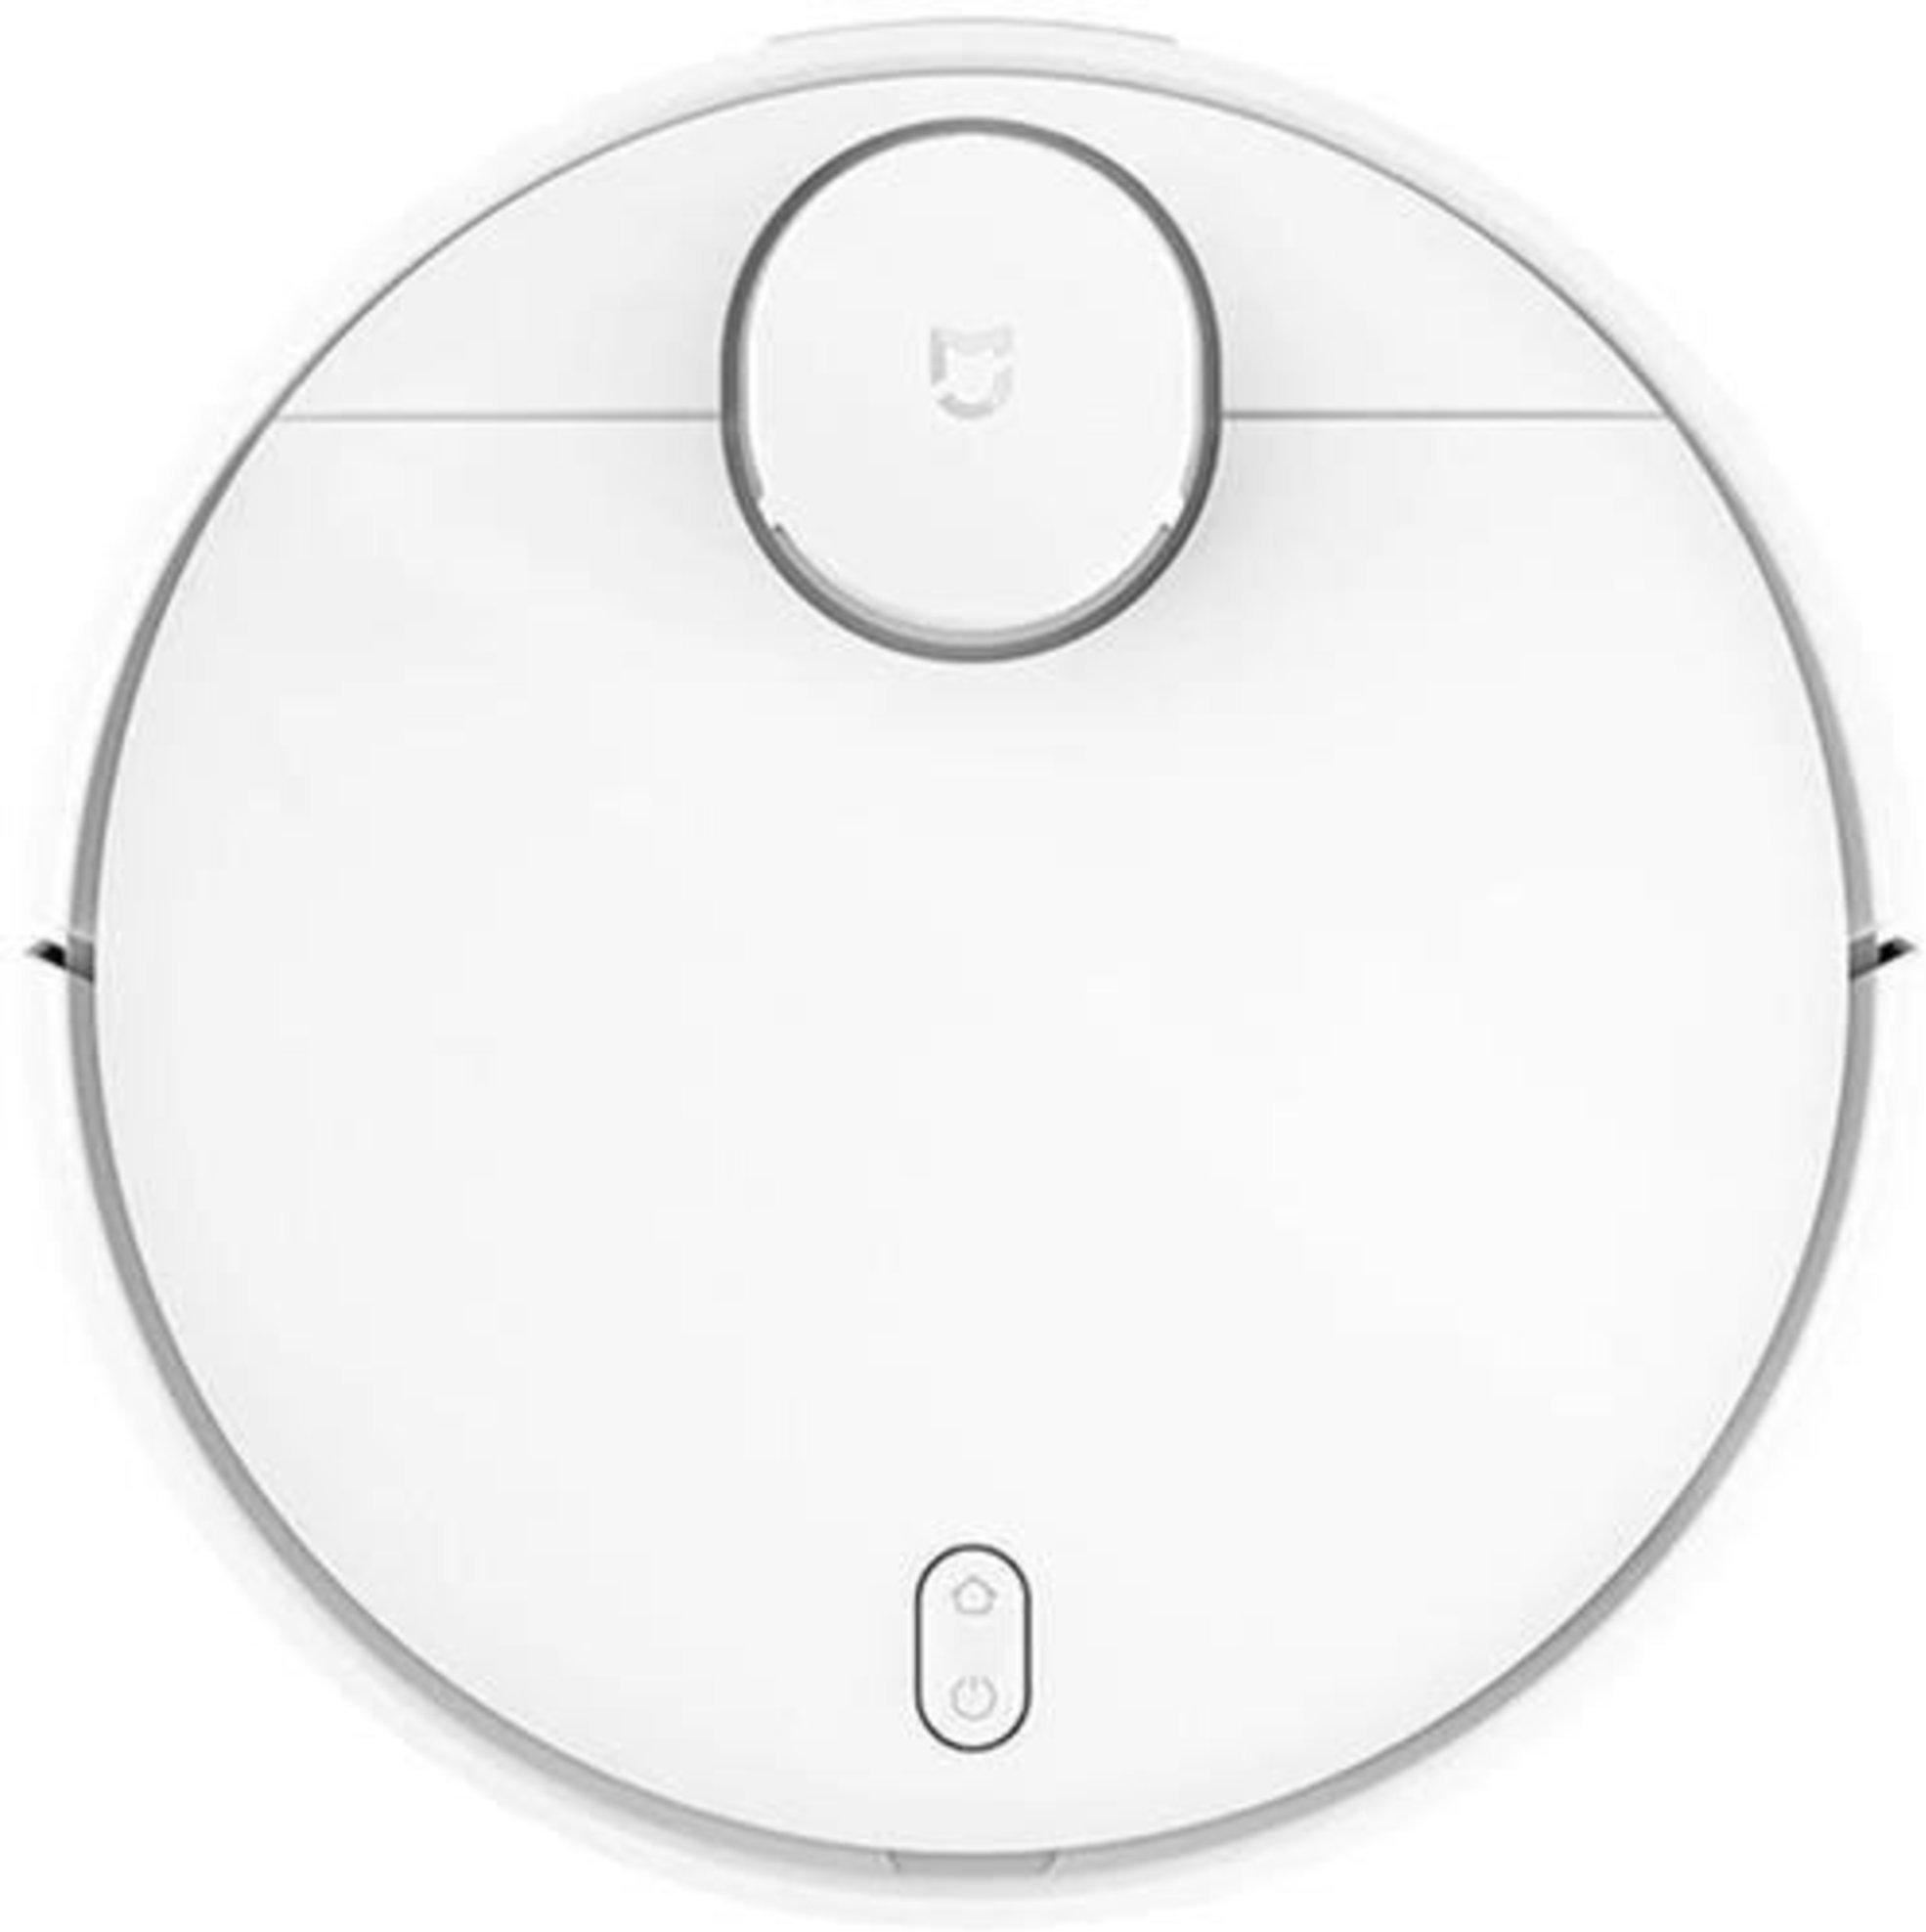 Best pris på Xiaomi Mi Roborock S5 Max Se priser før kjøp